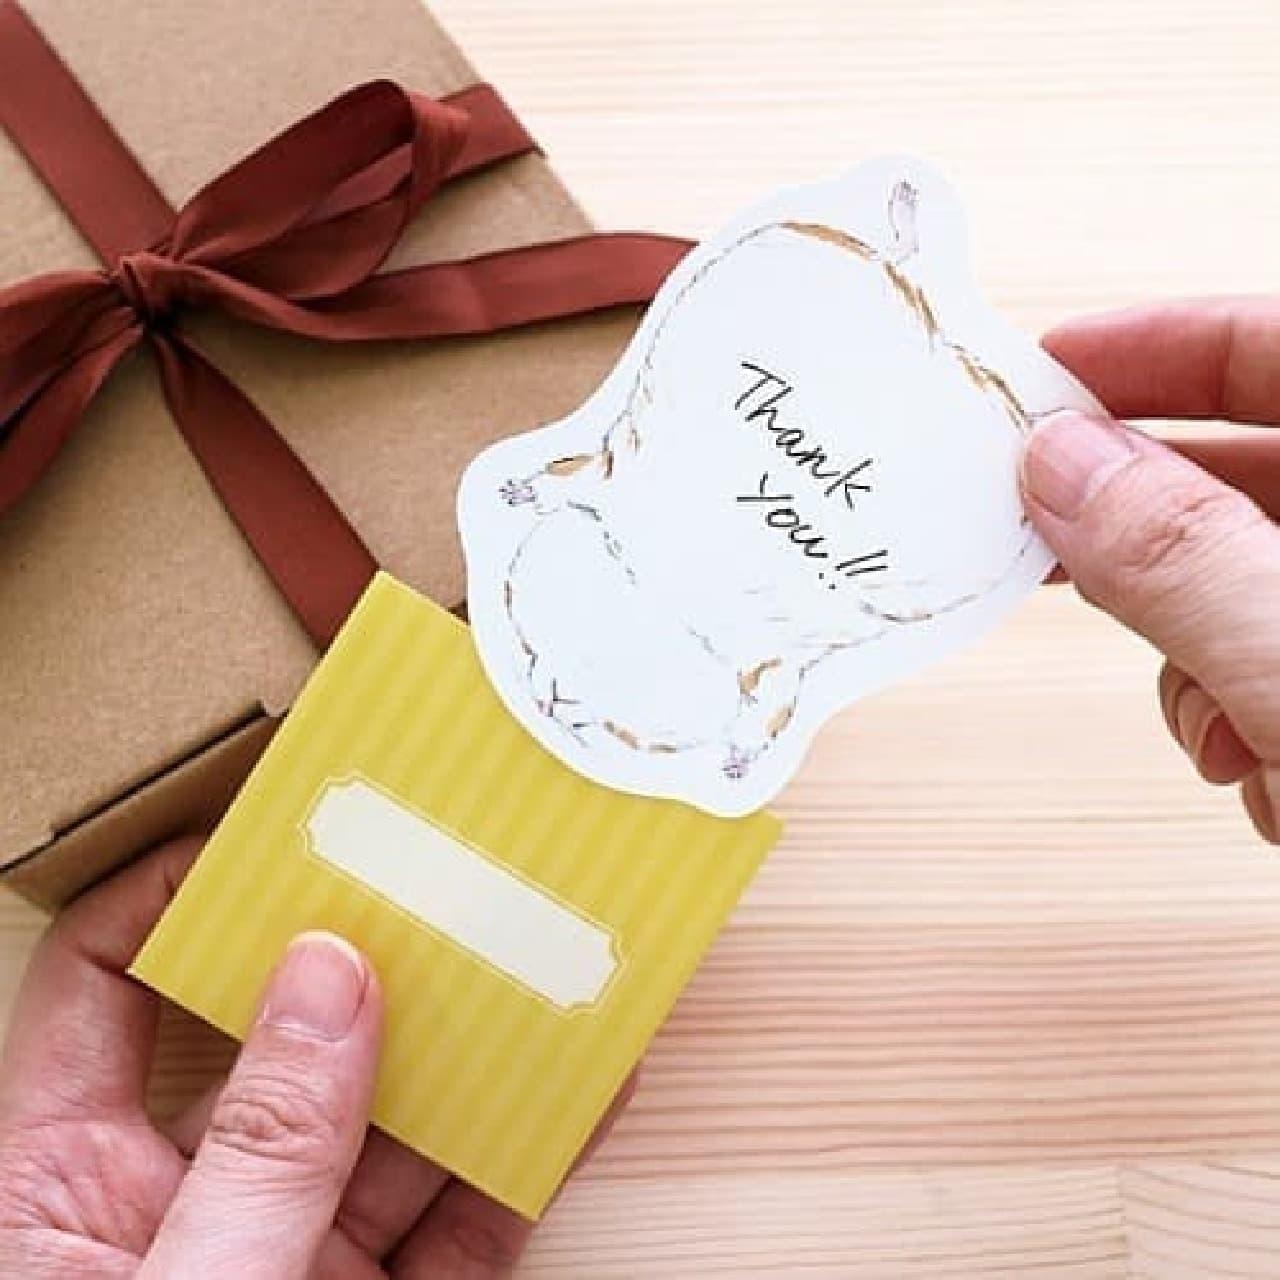 paperable(ペパラブル)のおしりカードとコトリメモ